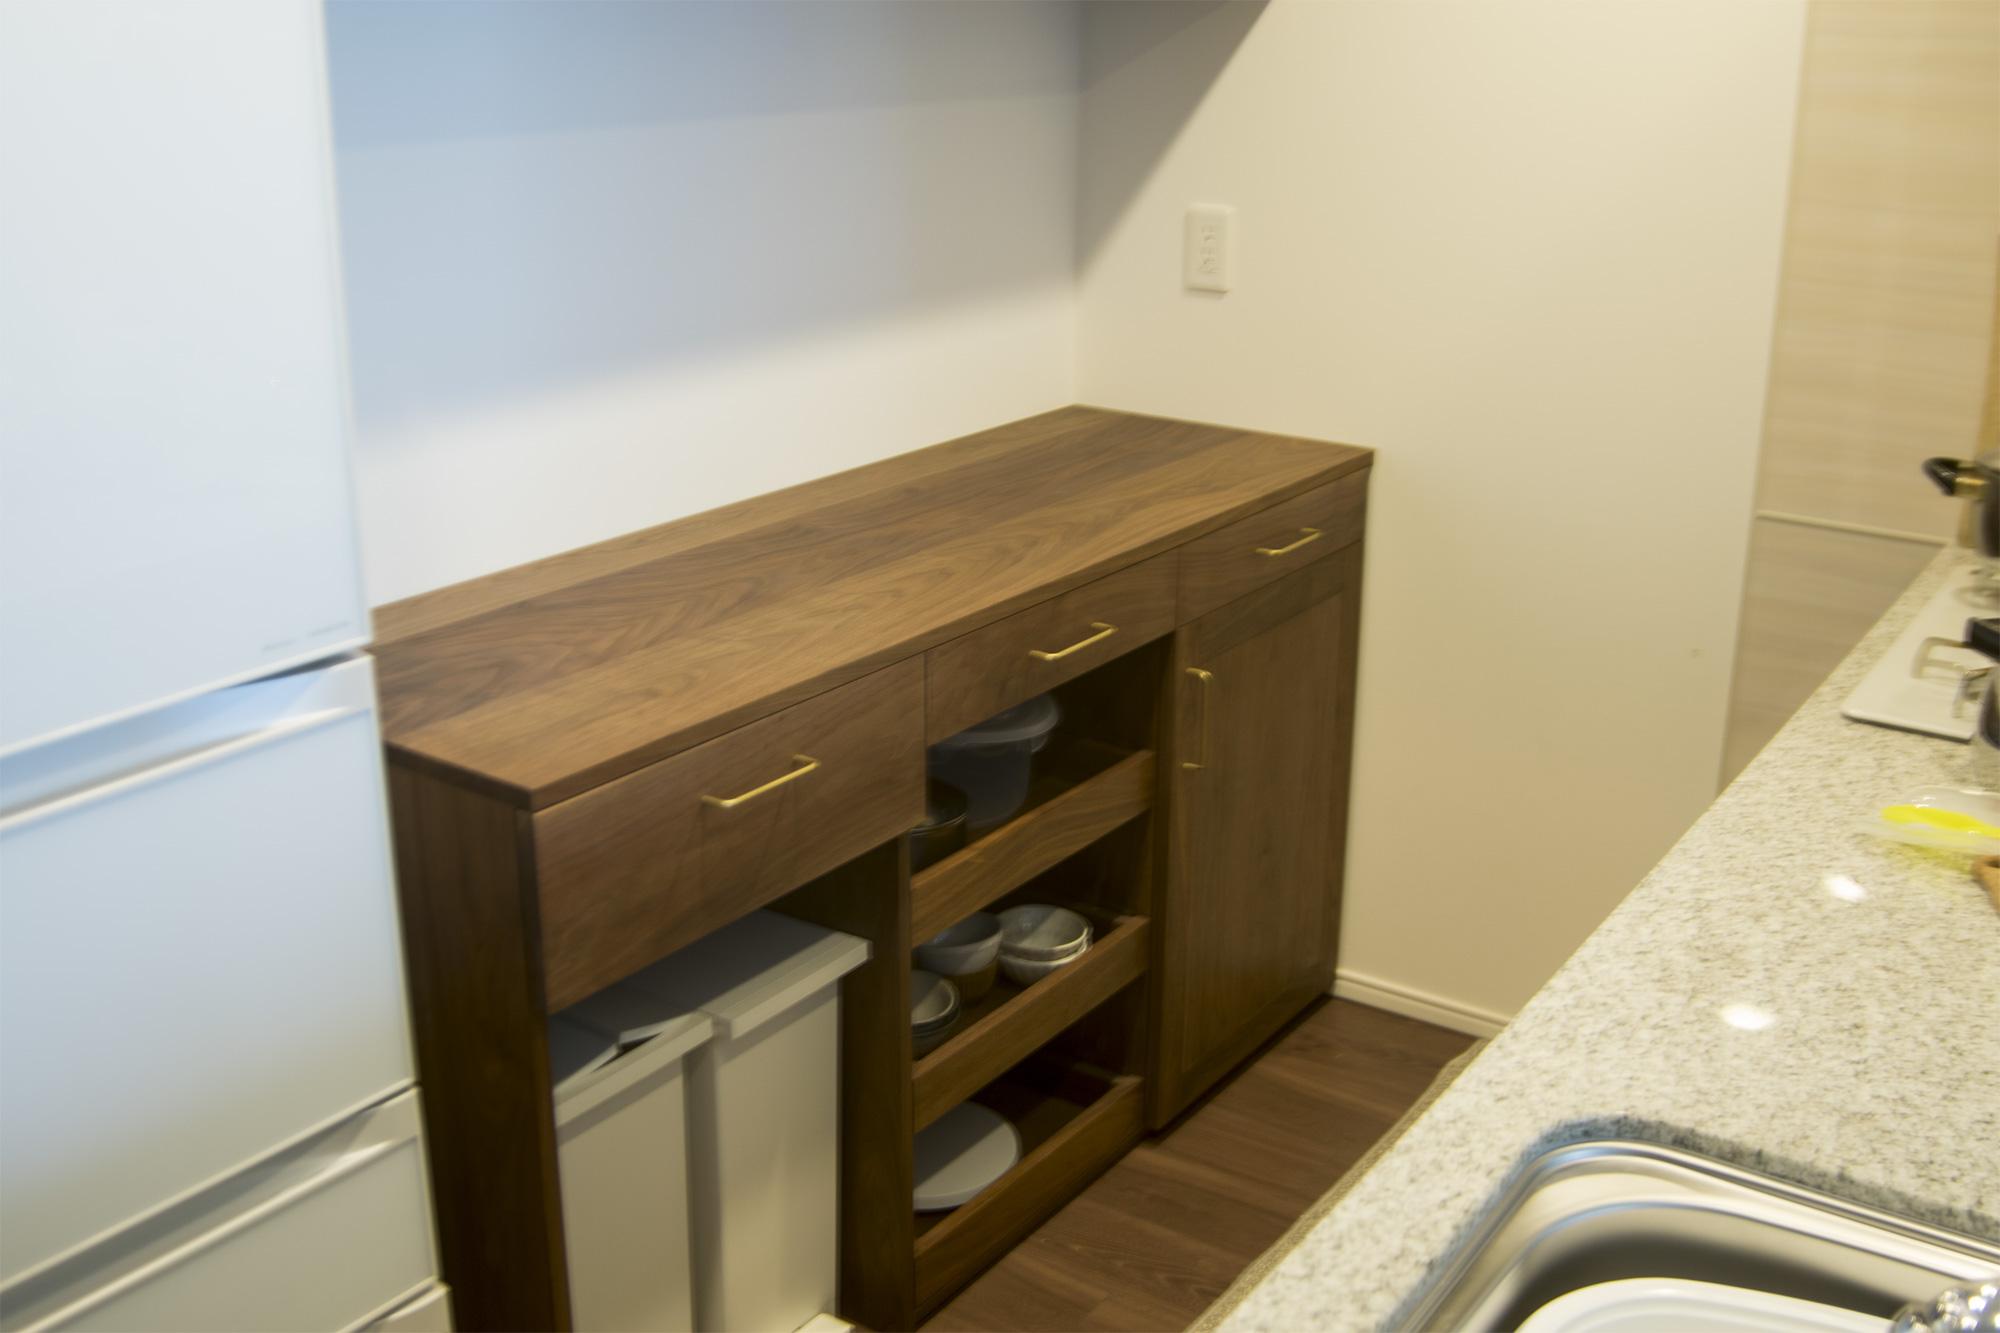 以前にご納品したTANA食器棚カウンター台部分